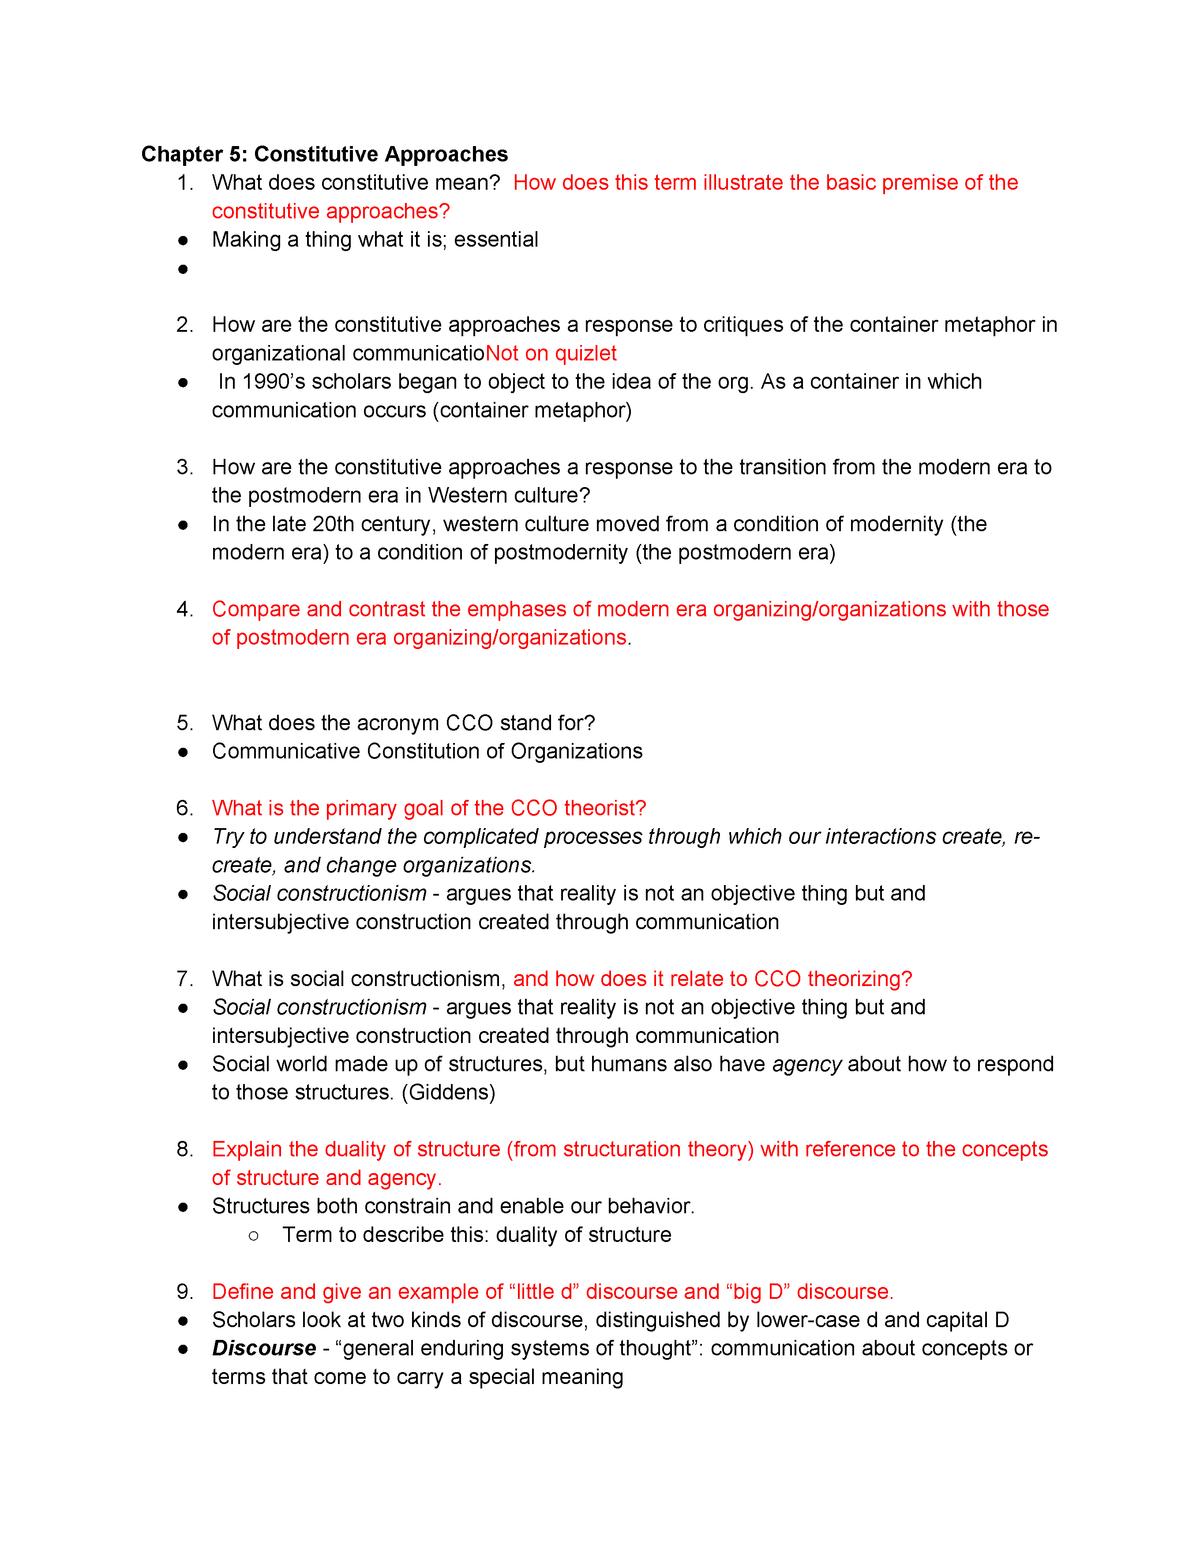 Exam 2017 - COM 264: Organizational Communication - StuDocu